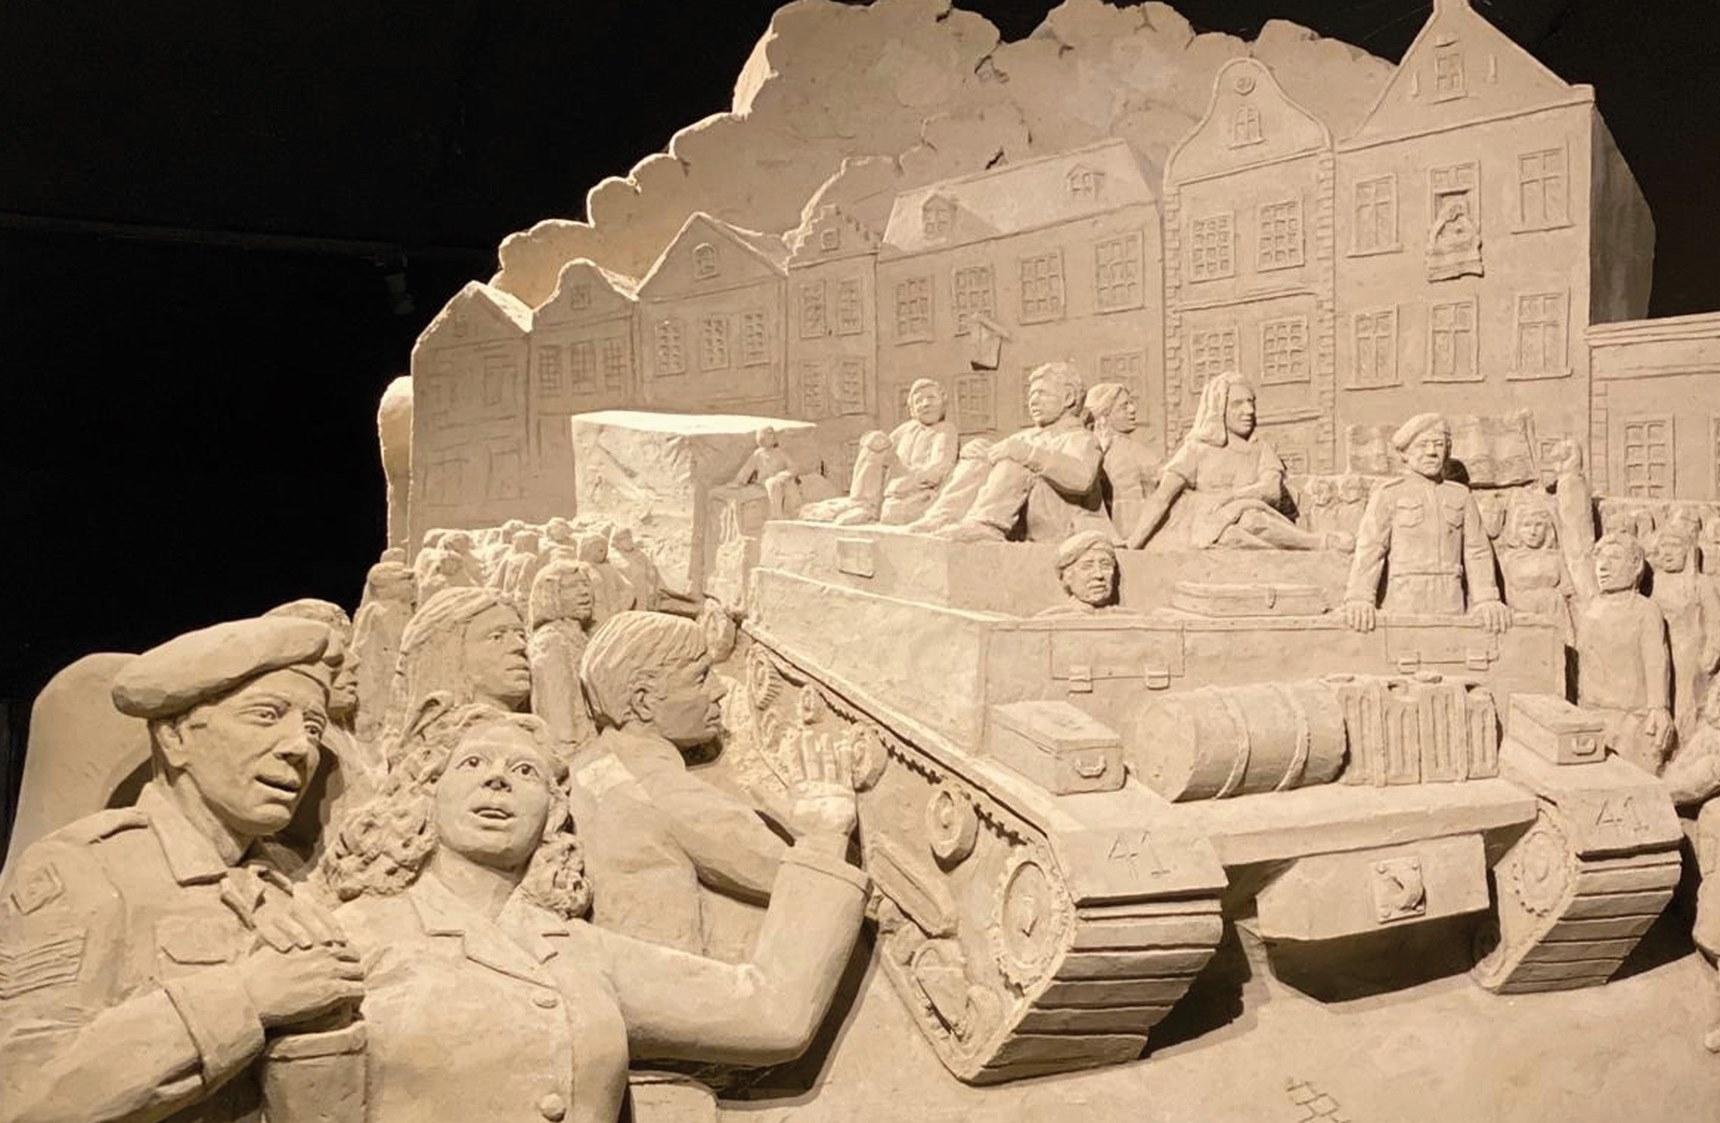 Zandsculpturen op de Veluwe 2020